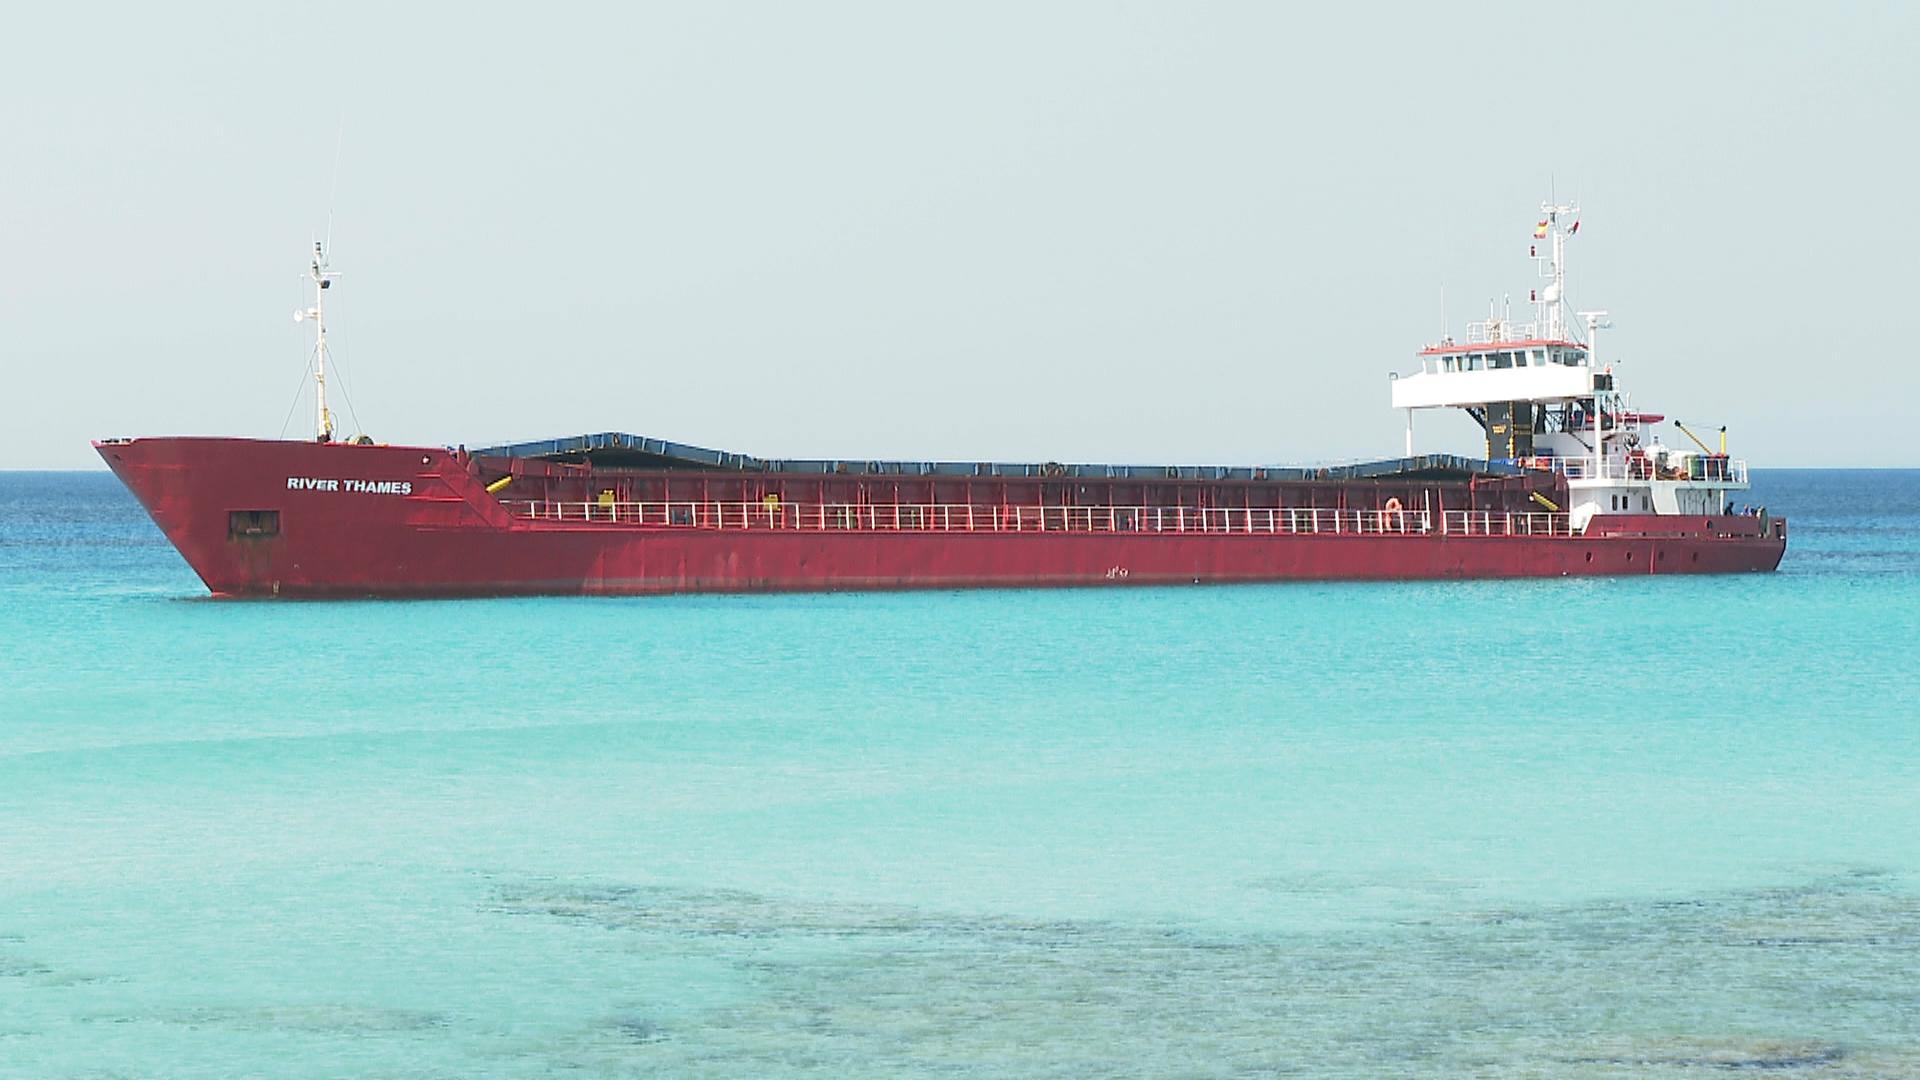 Comencen+les+maniobres+per+reflotar+el+vaixell+encallat+a+Formentera